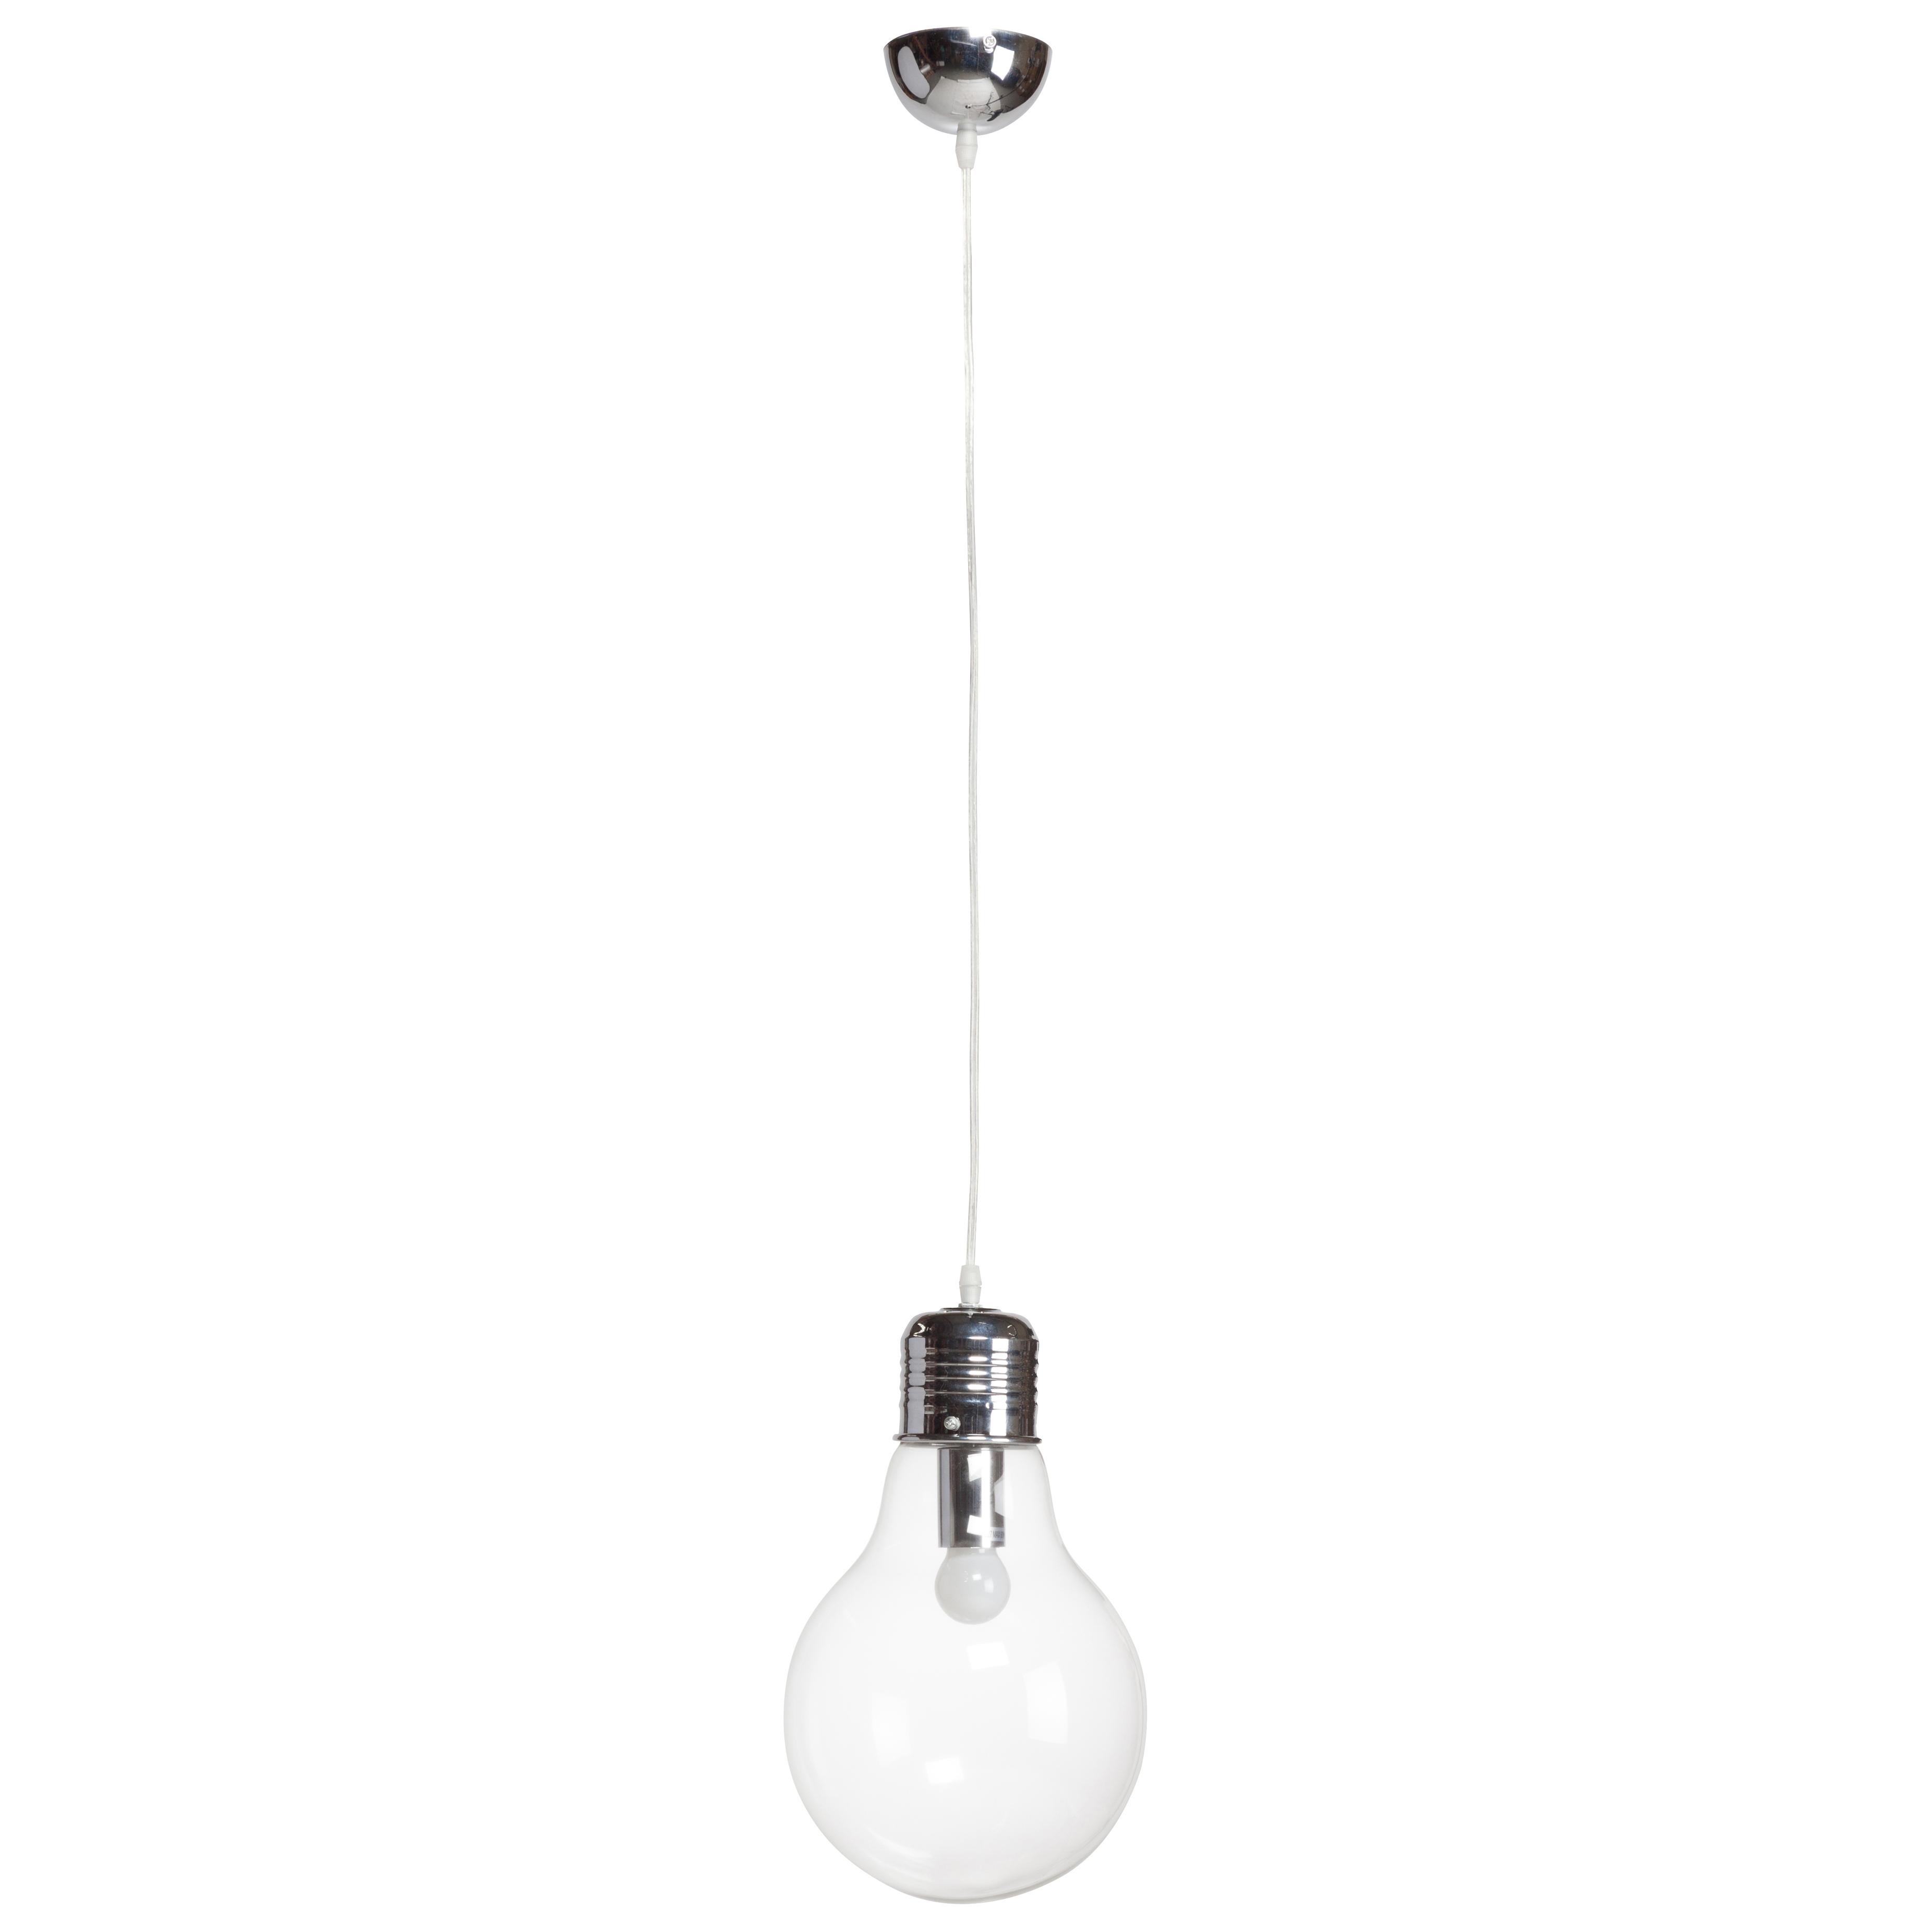 Подвесной светильник BulbПодвесные светильники<br>Алюминий, стекло. Длина провода 65 см.<br><br>Цвет: Прозрачный<br>Материал: Металл, Стекло<br>Вес кг: 0,8<br>Длина см: 20<br>Ширина см: 20<br>Высота см: 36